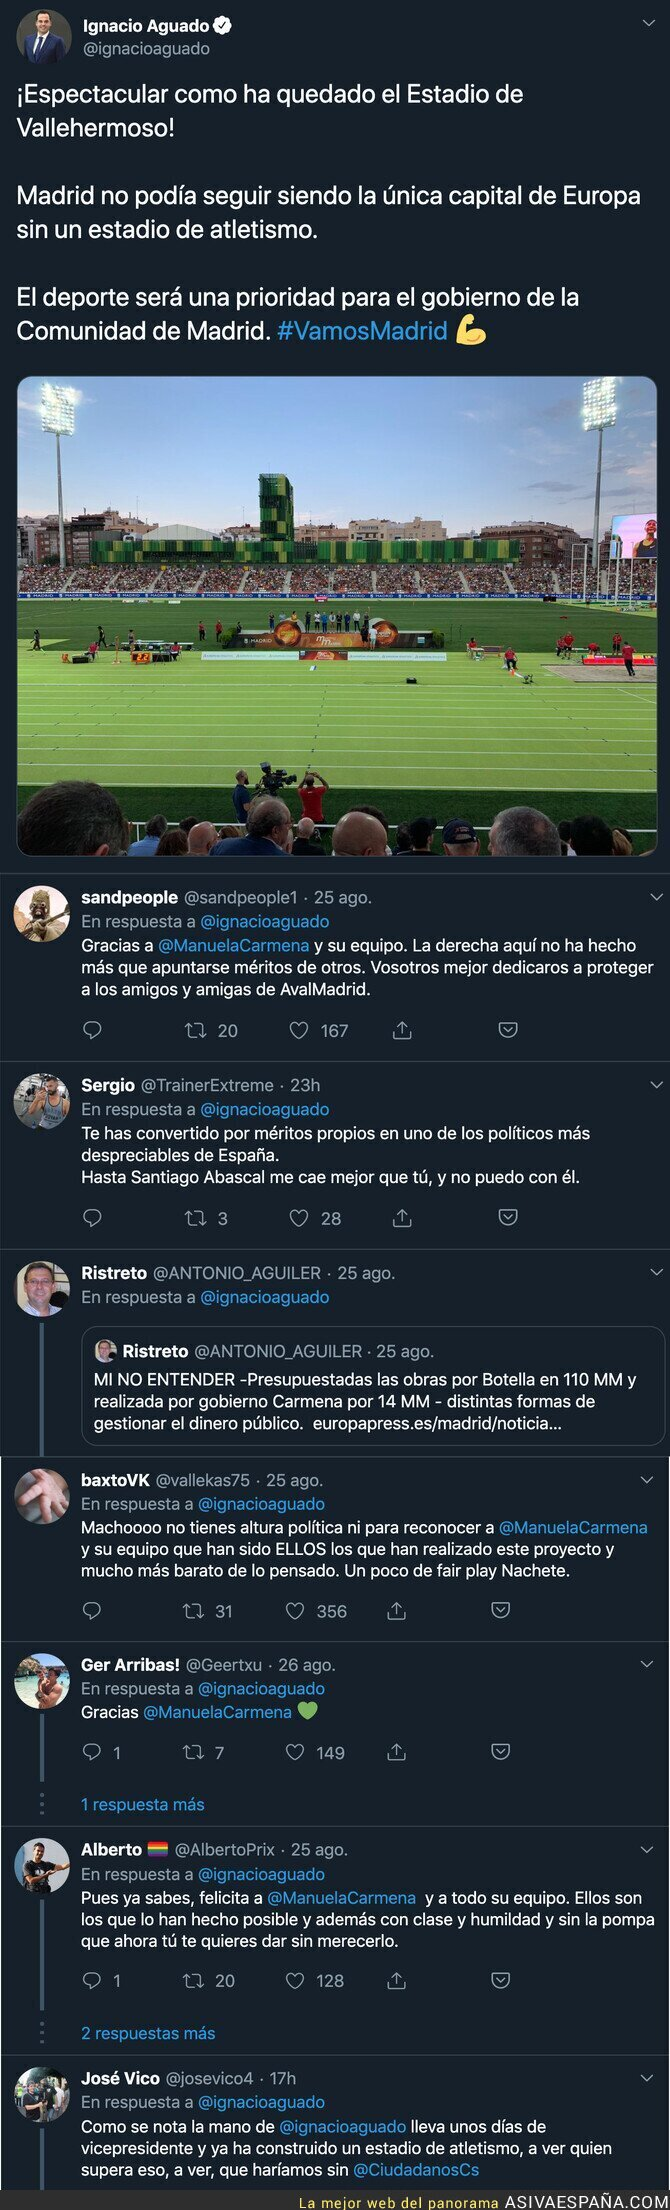 119787 - Ignacio Aguado se alegra de como ha quedado el estadio de atletismo en Madrid sin mencionar a Manuela Carmena